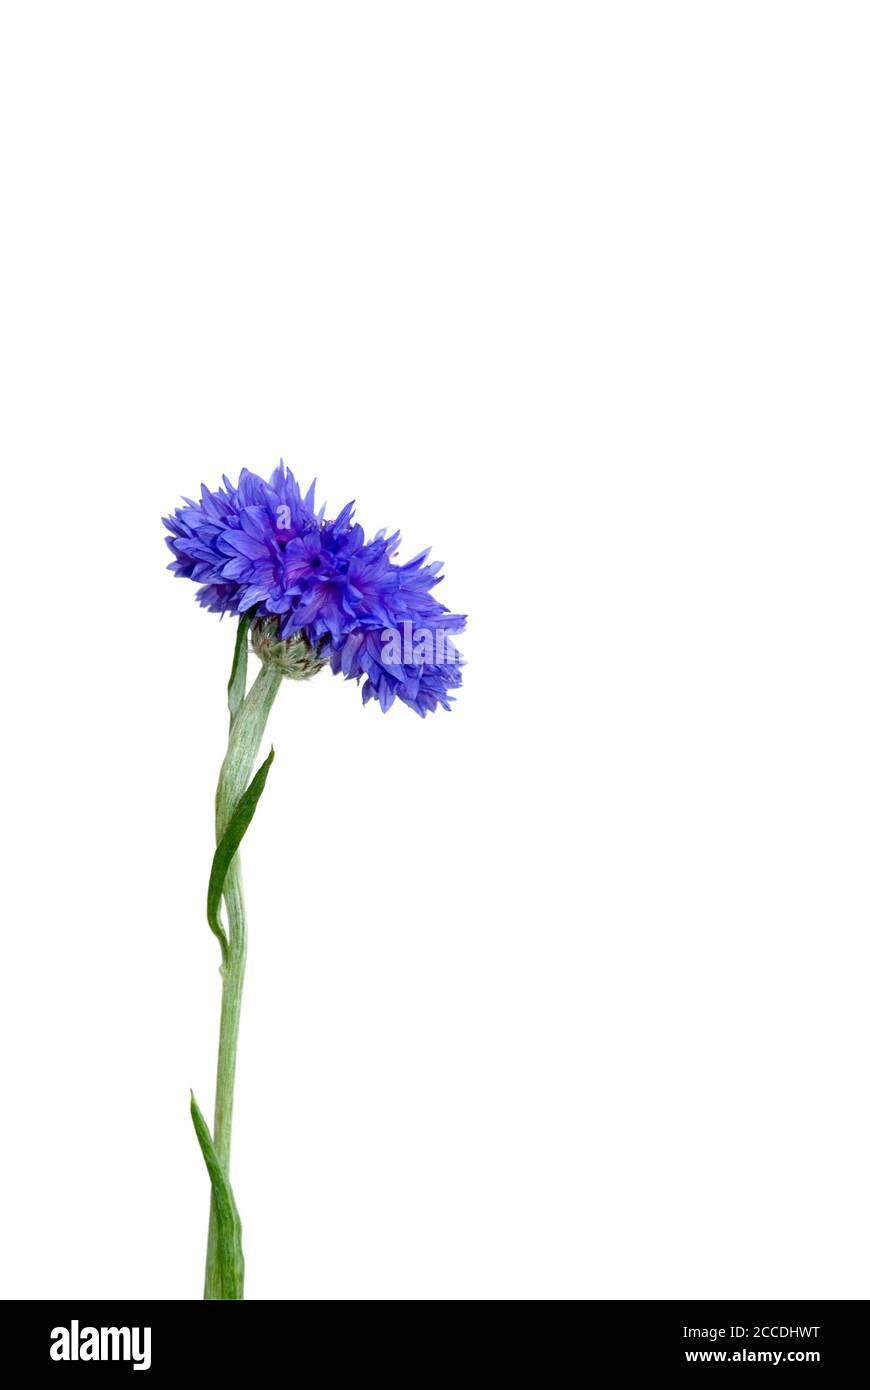 la flor aislada se encuentra sobre fondo blanco Foto de stock